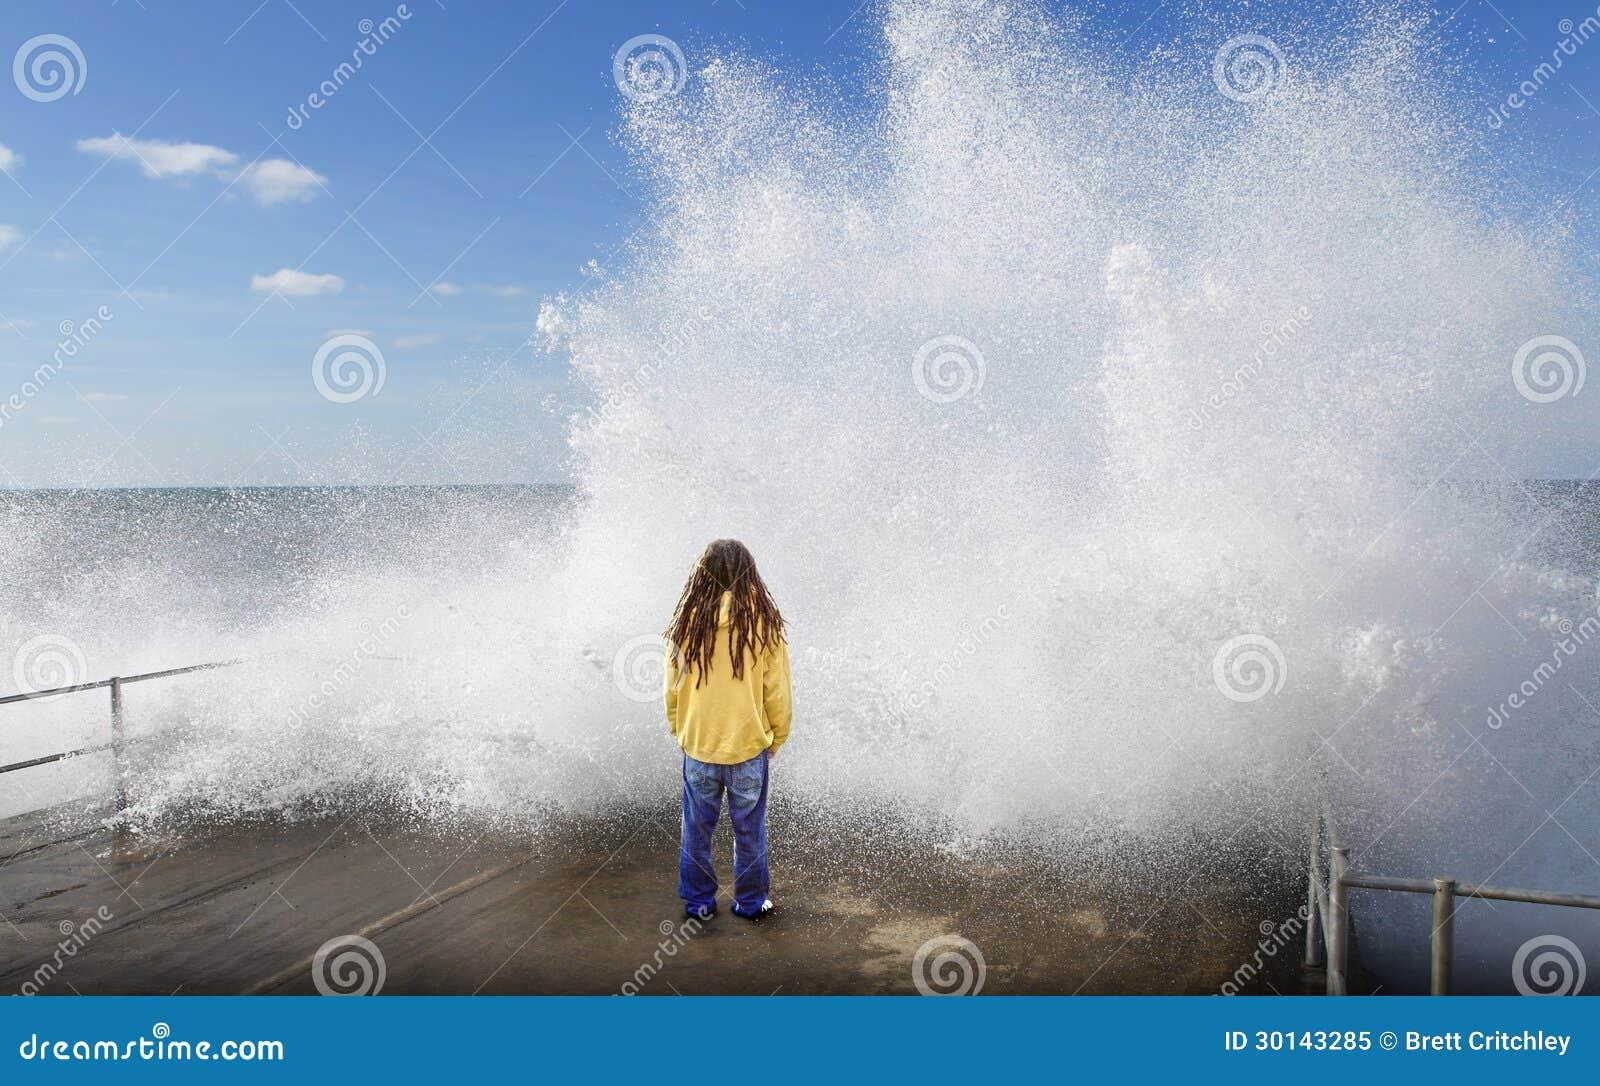 Vague de tsunami au-dessus de personne